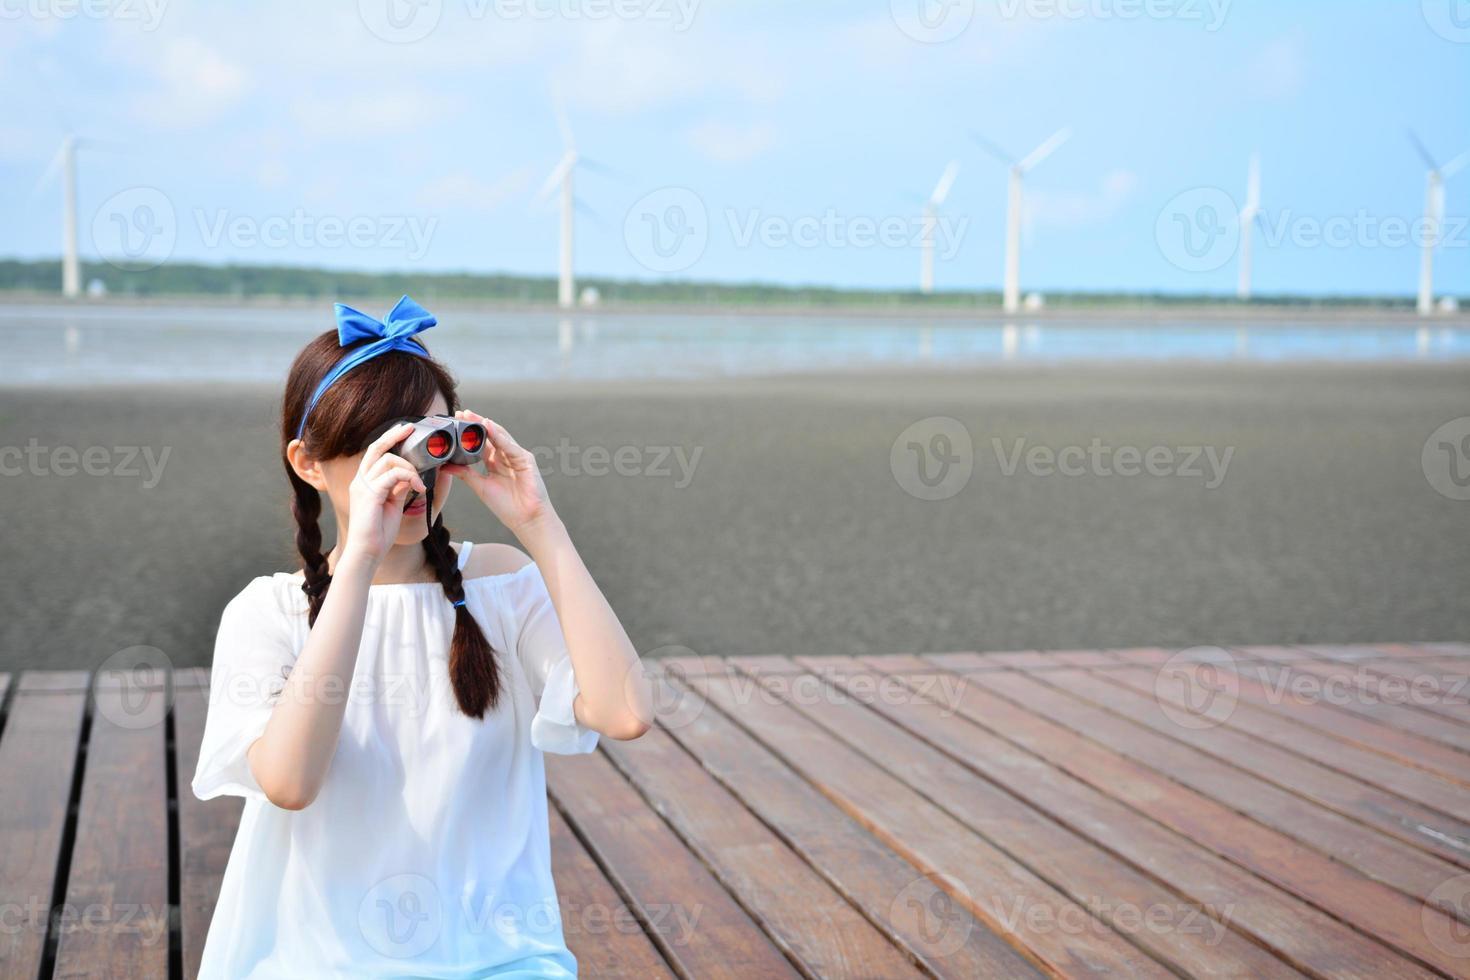 tonårsflickan lyfte upp kikare foto